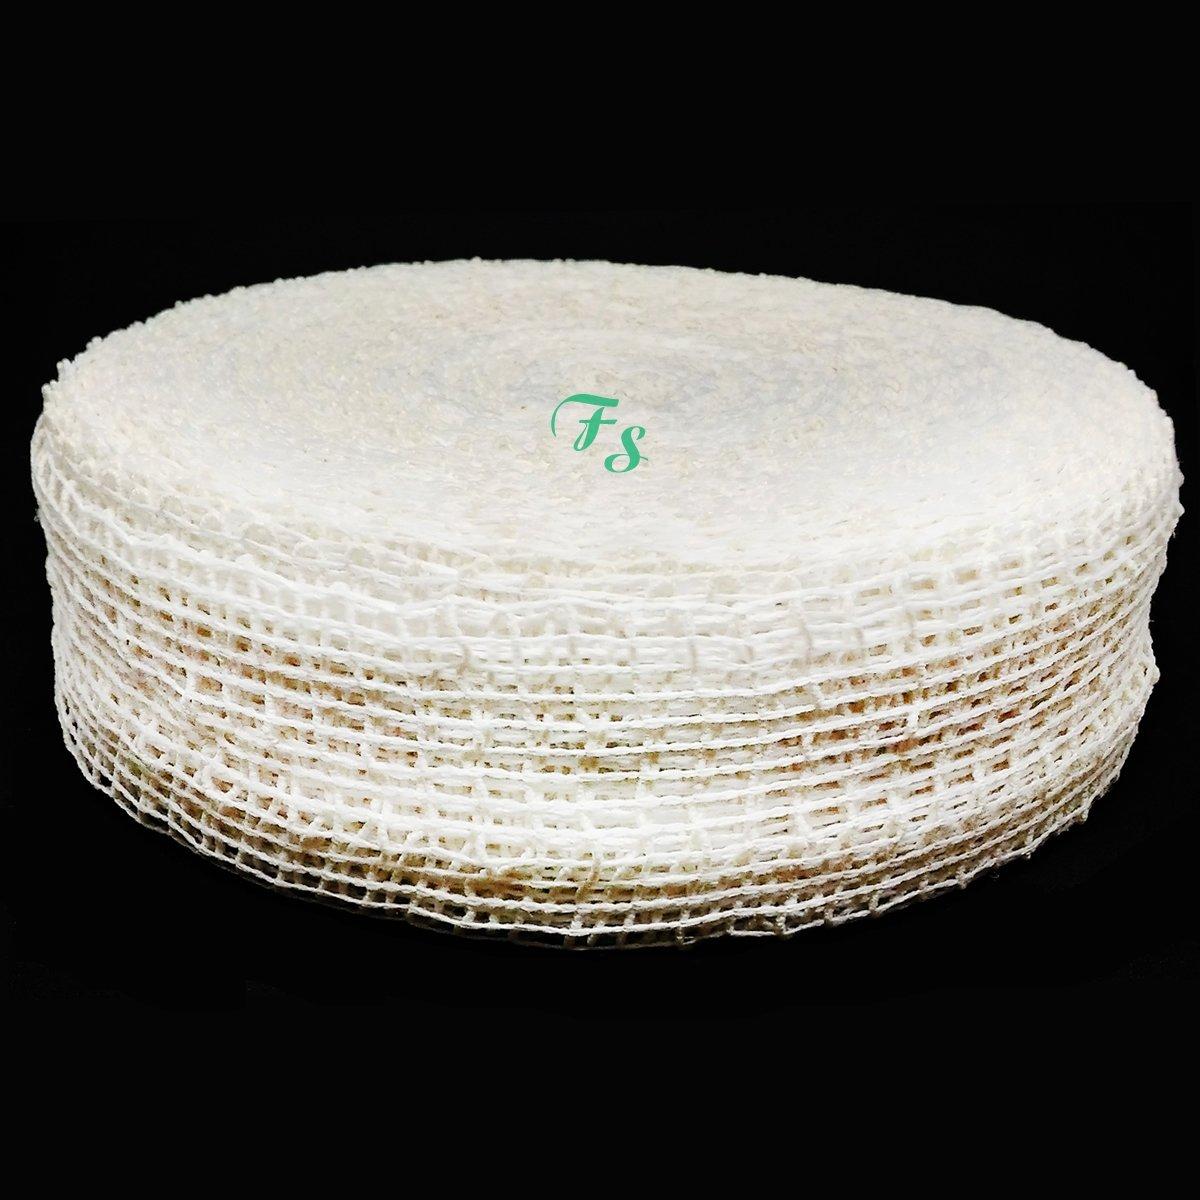 Rede Elastica Copas e Embutidos 28 Fios 7 cm Rolo Fechado